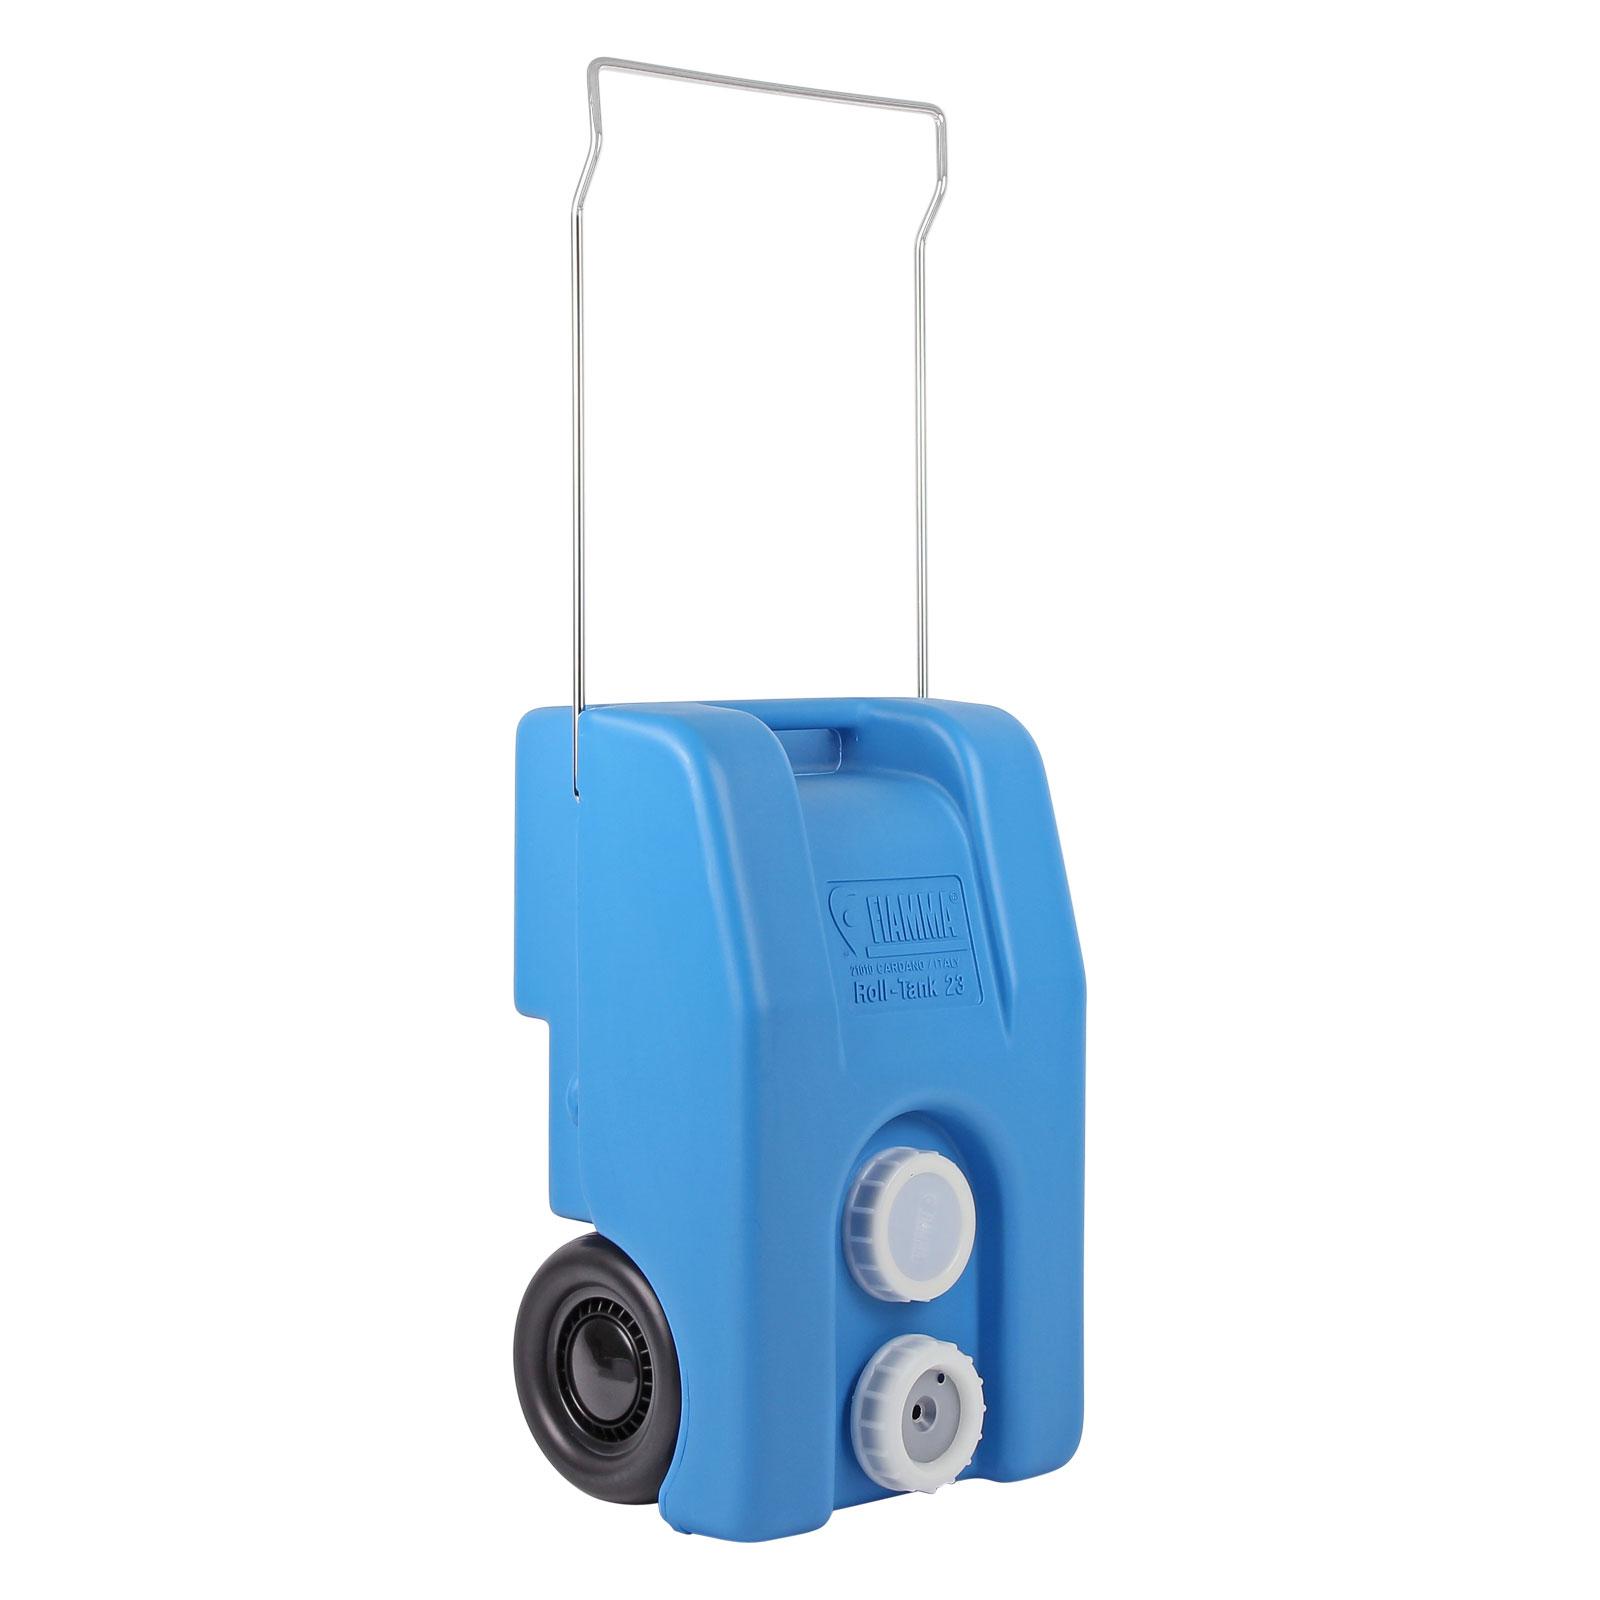 Fiamma Frischwasser Rolltank 23 Liter blau rollbar